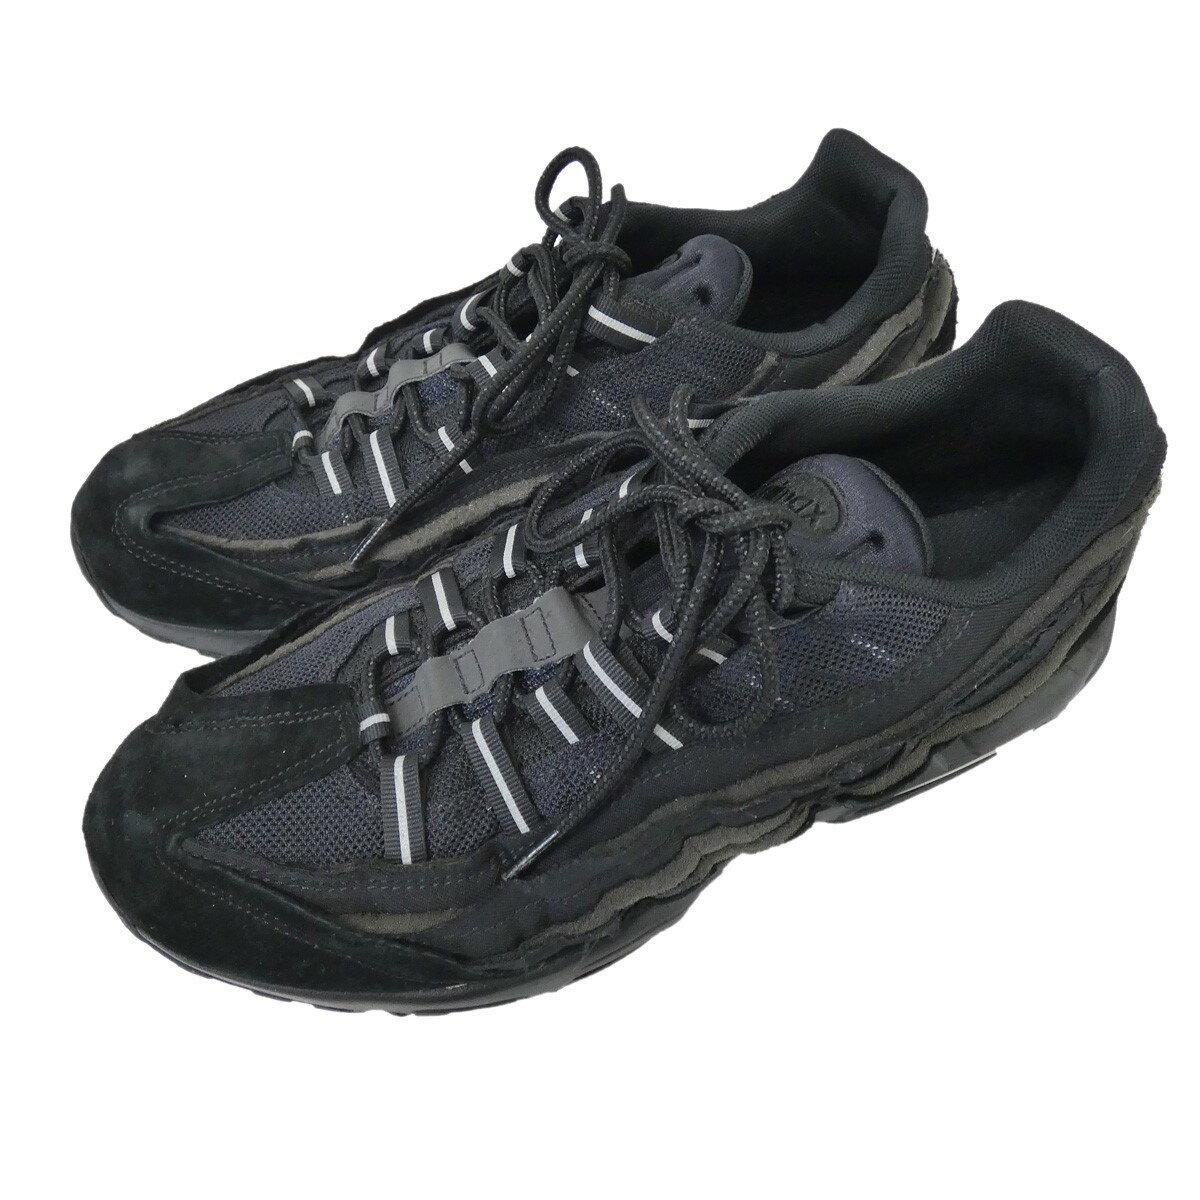 メンズ靴, スニーカー COMME des GARCONS HOMME PLUSNIKE AIR MAX 95 28cm 020621